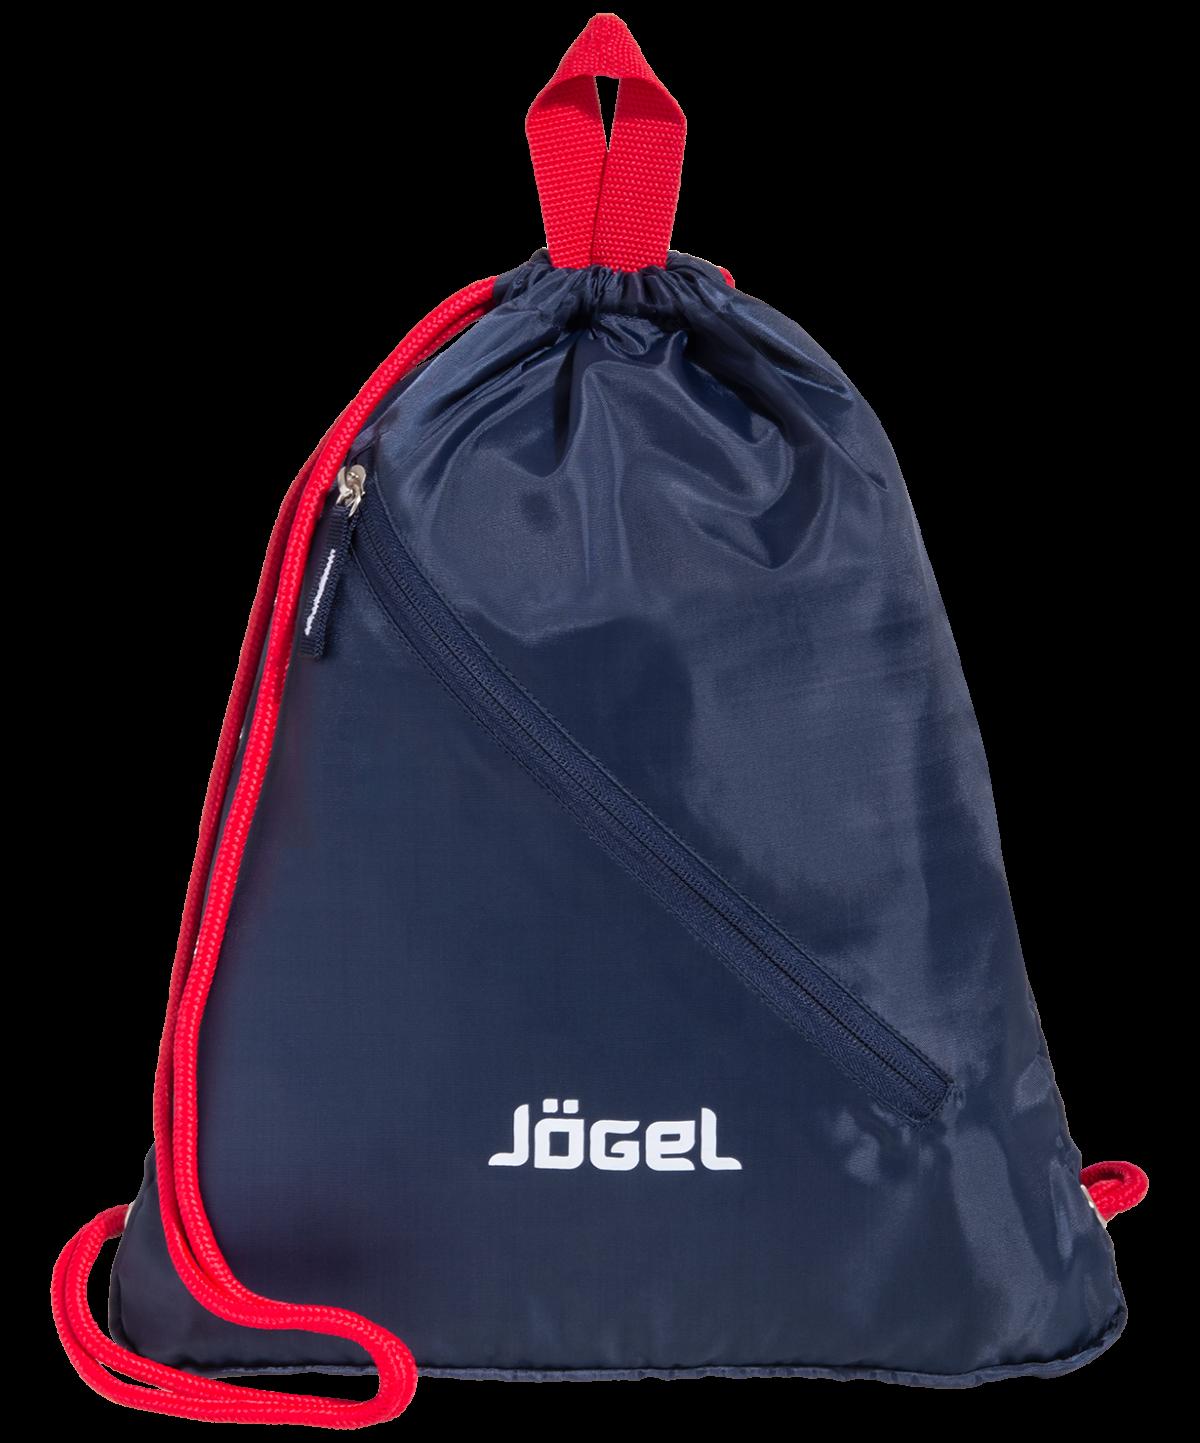 JOGEL Мешок для обуви  JGS-1904: синий/красный - 1